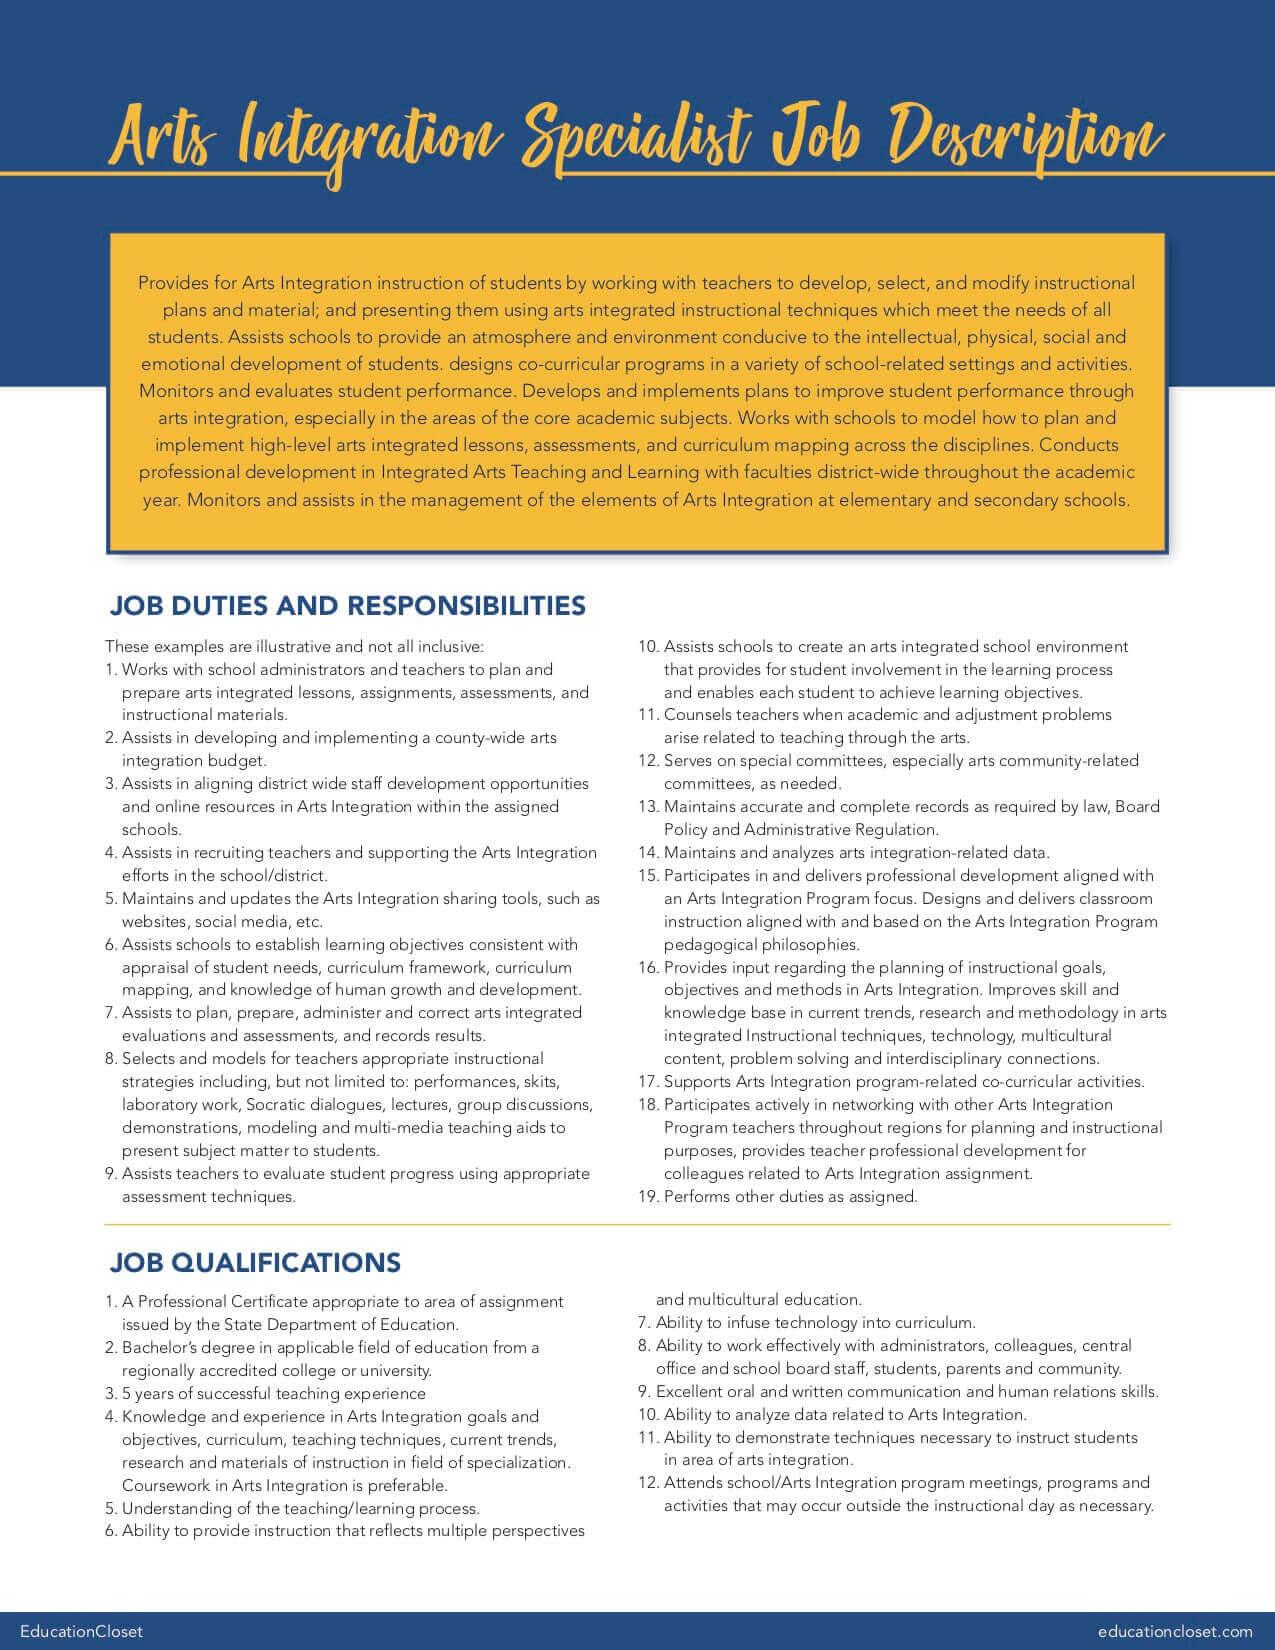 Arts Integration Specialist Job Description